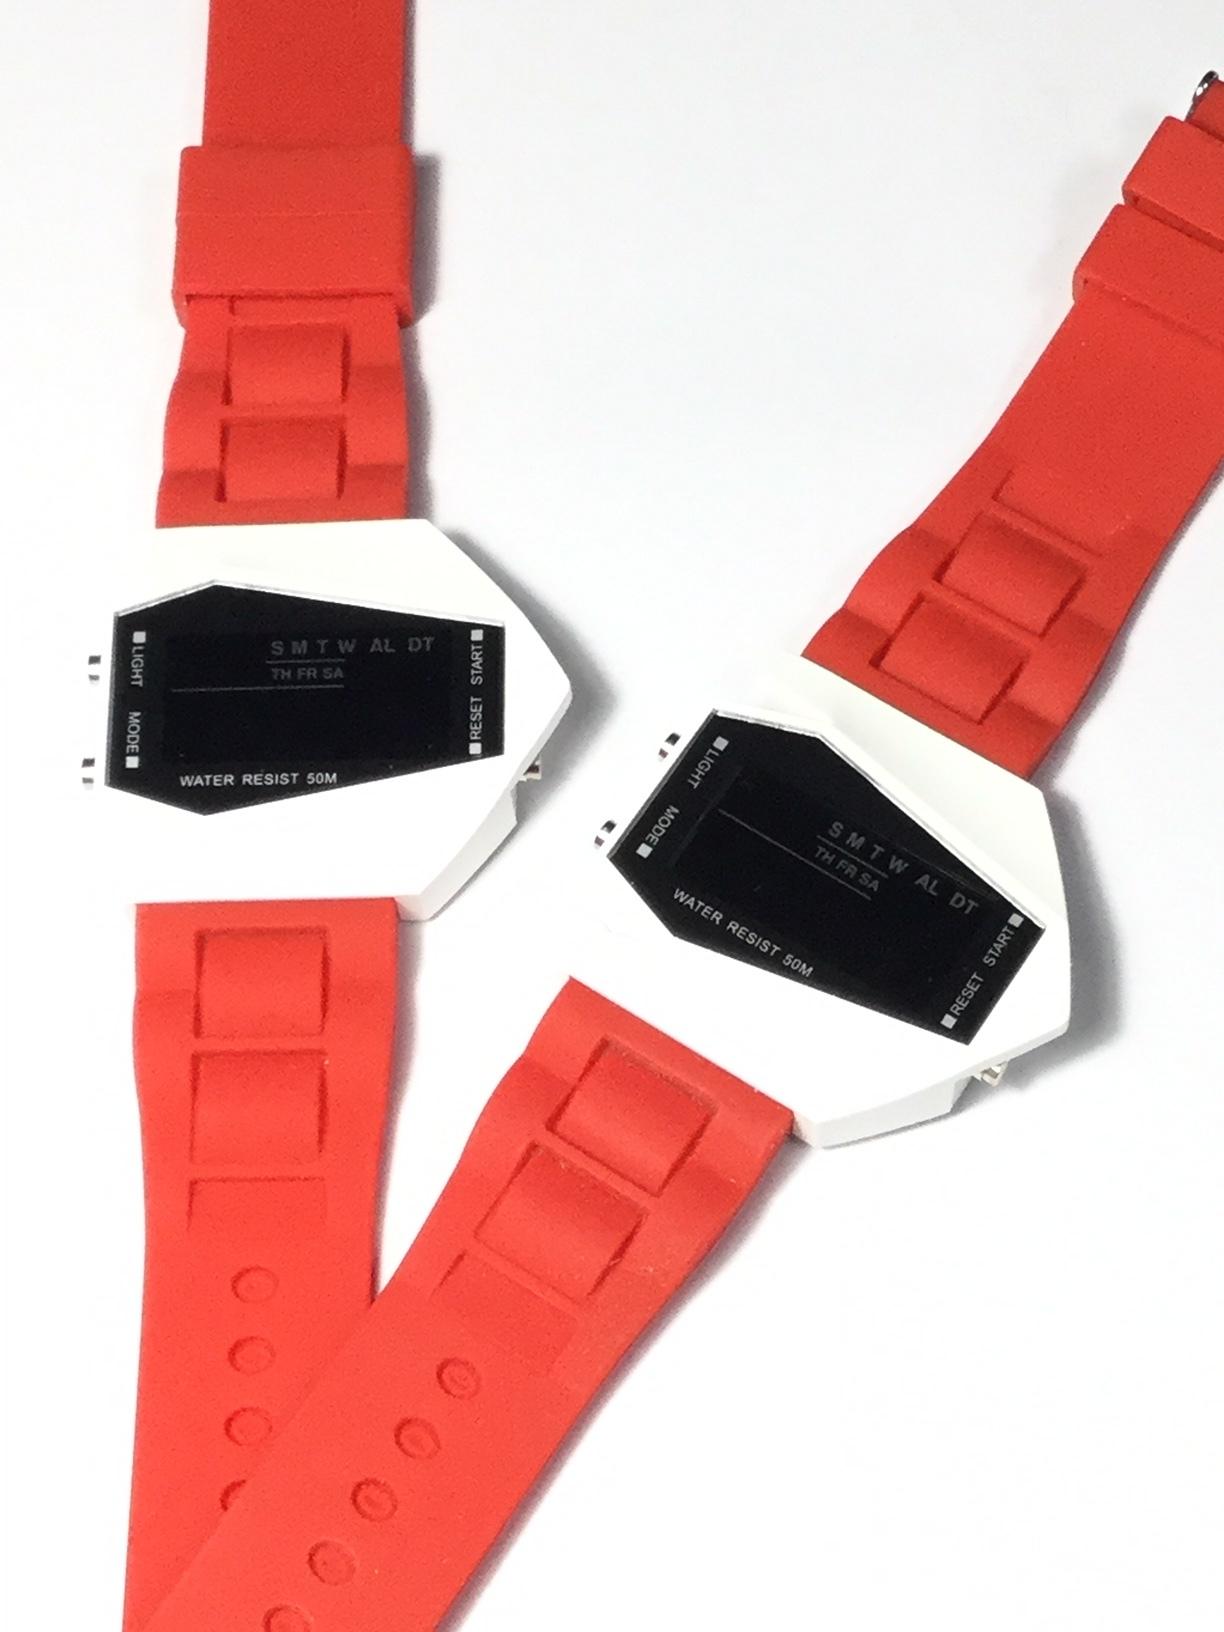 腕時計を買って失敗した話_c0061896_10252252.jpg